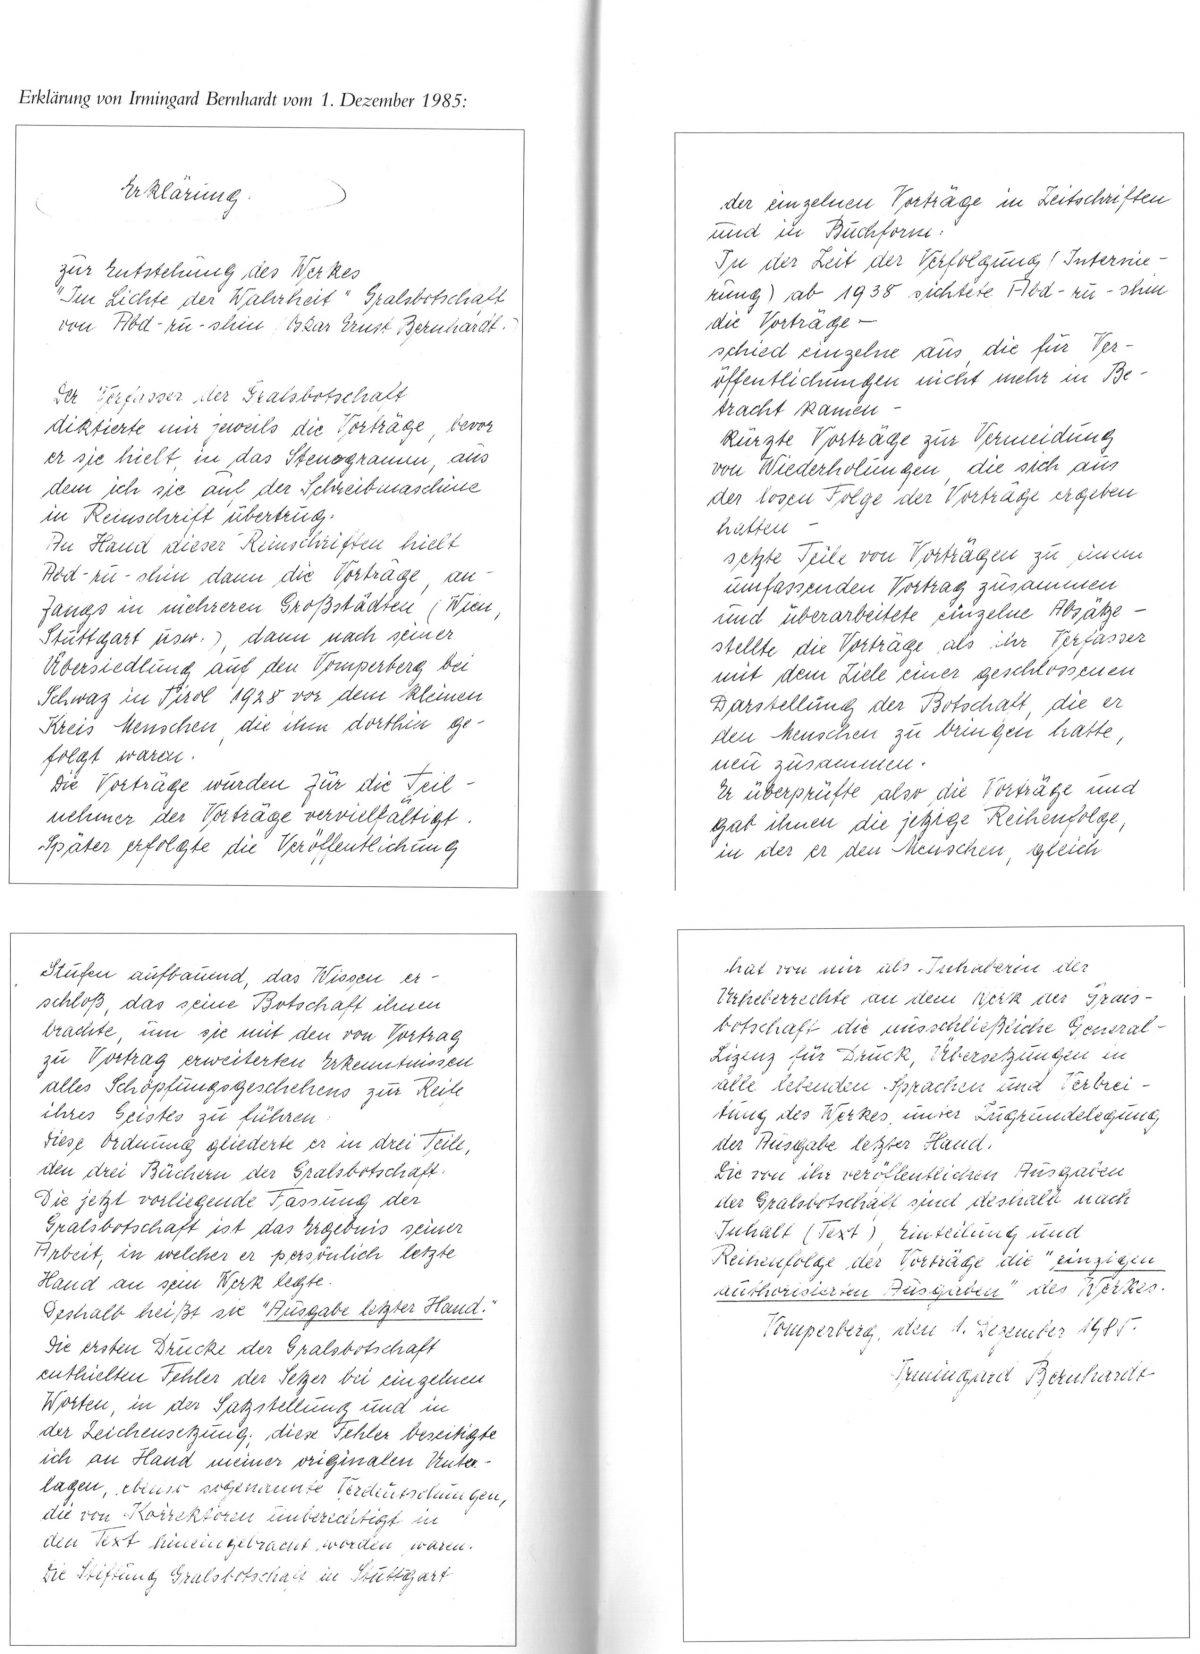 Erklärung-von-Irmingard-Bernhardt-1985